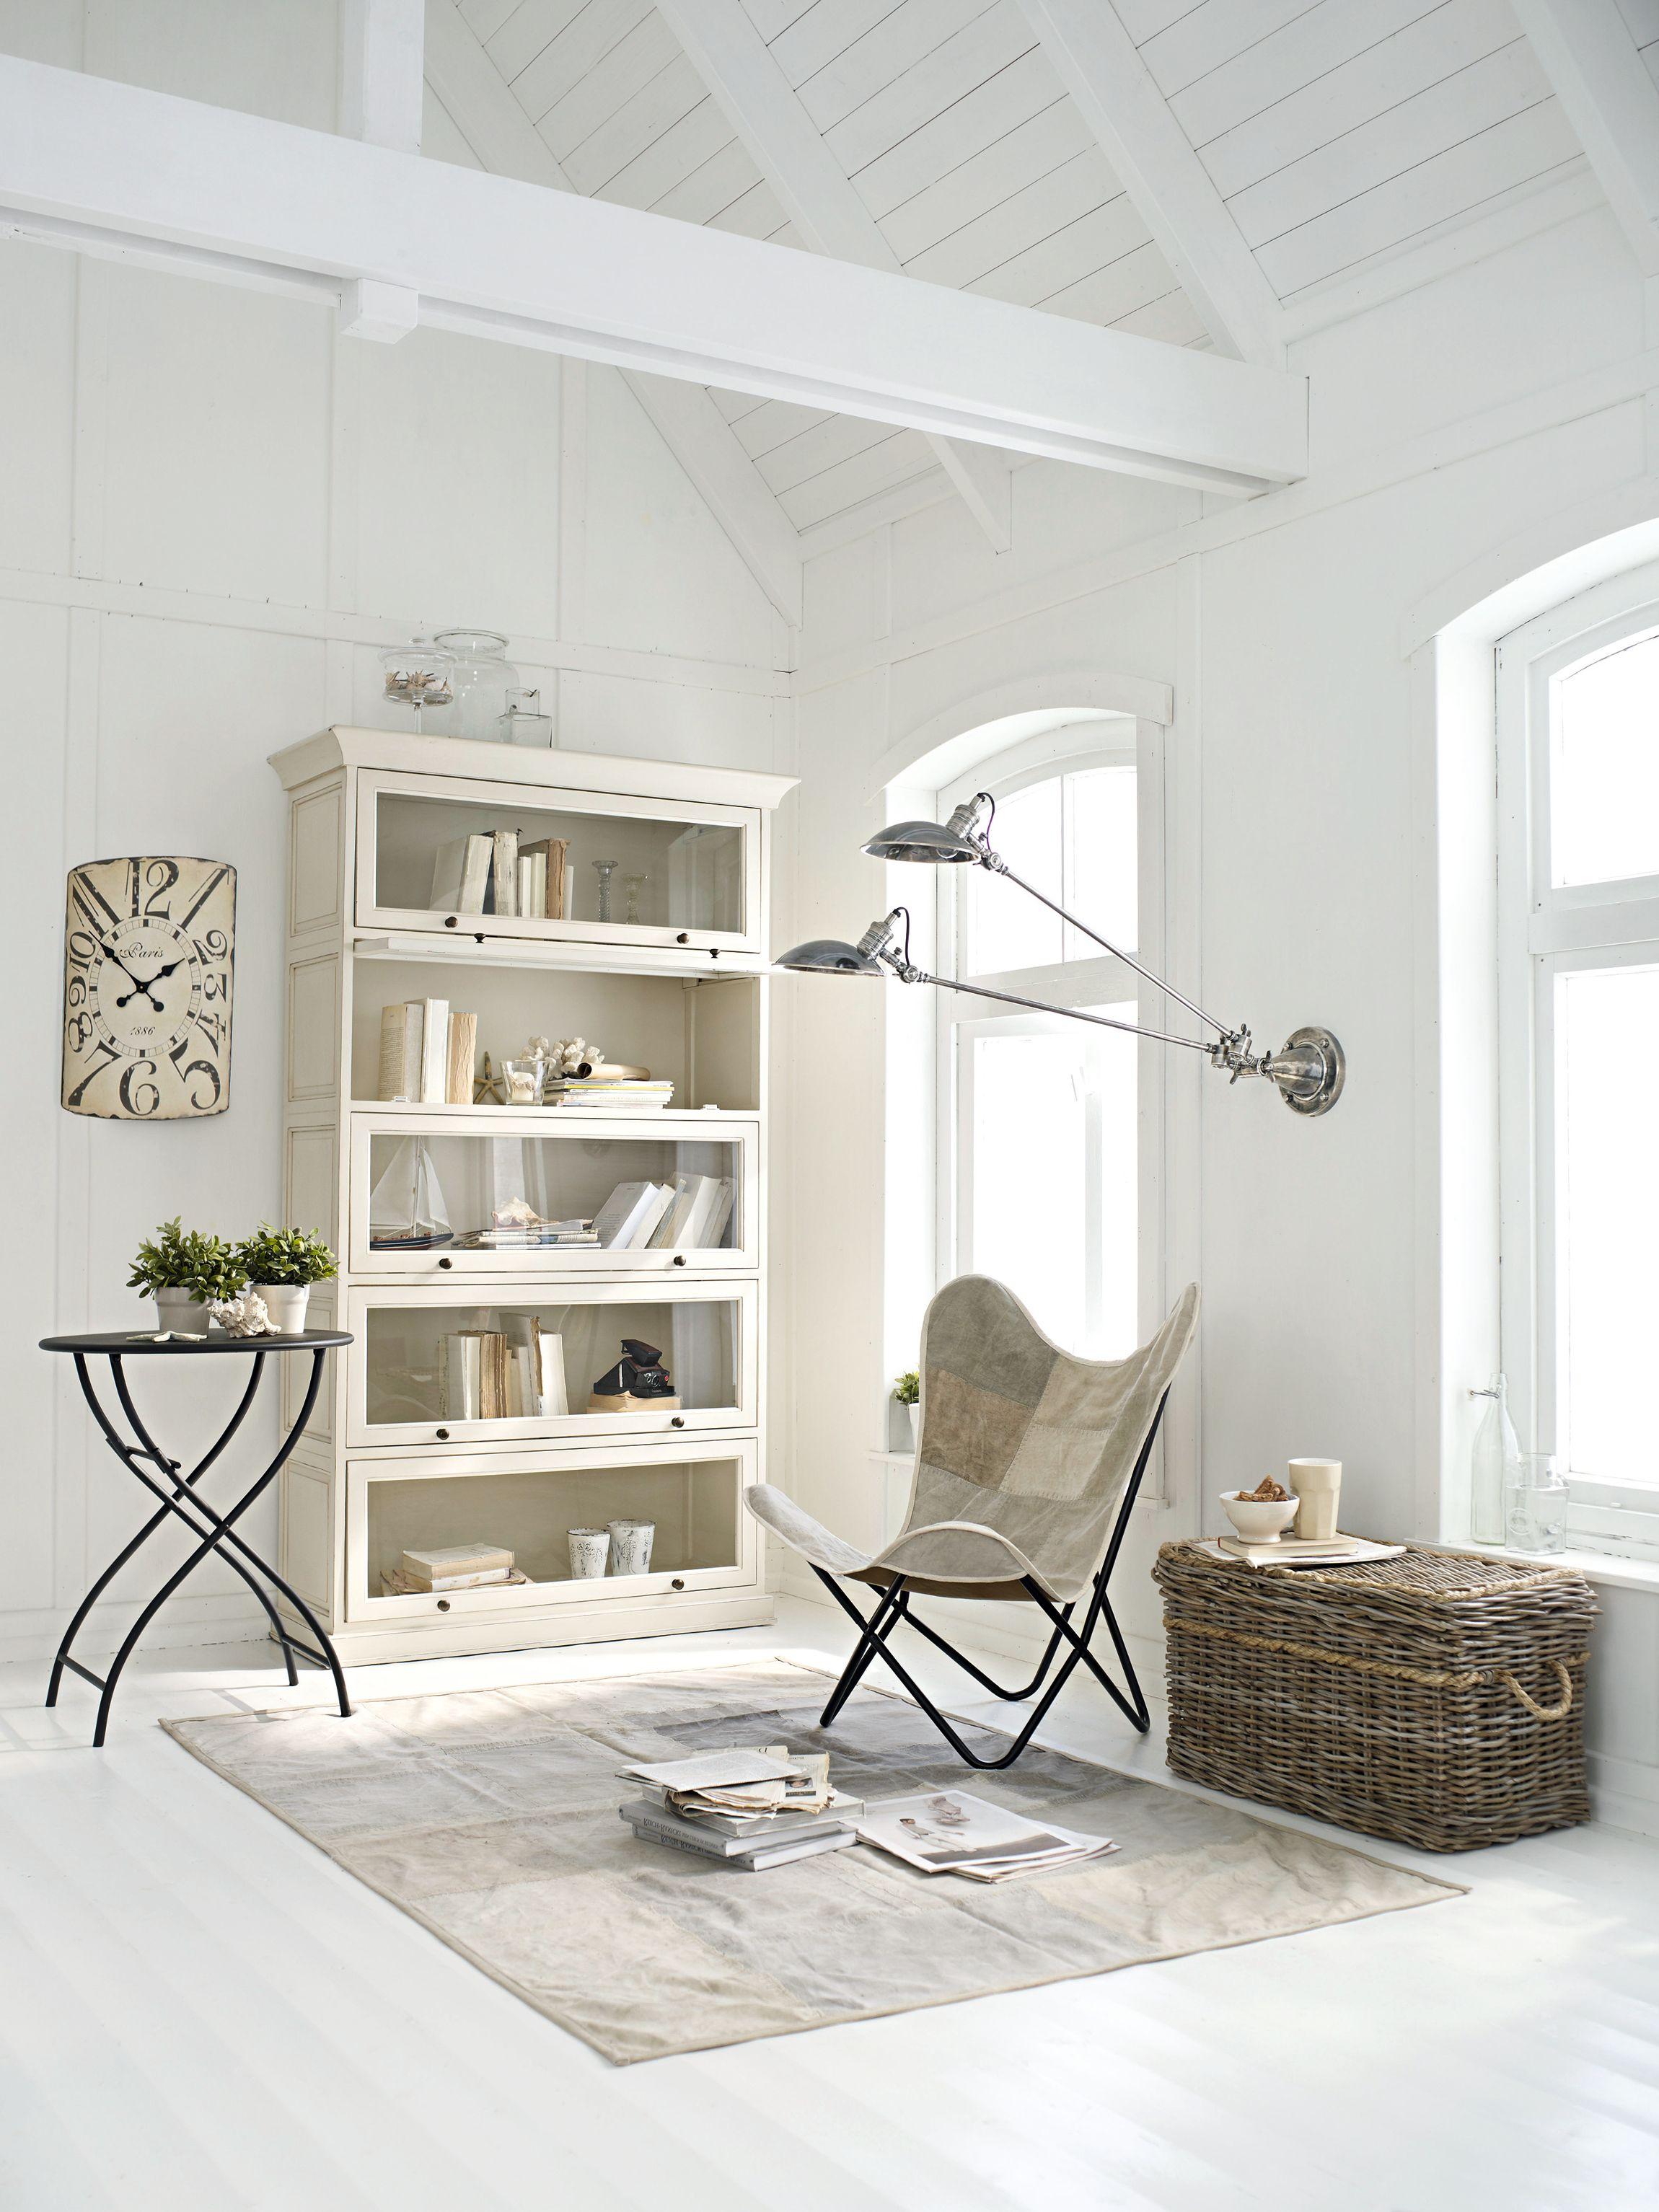 flur konsole wei trendy jobst wohnwelt traunreut rume flur diele konsolen tische hocker als. Black Bedroom Furniture Sets. Home Design Ideas